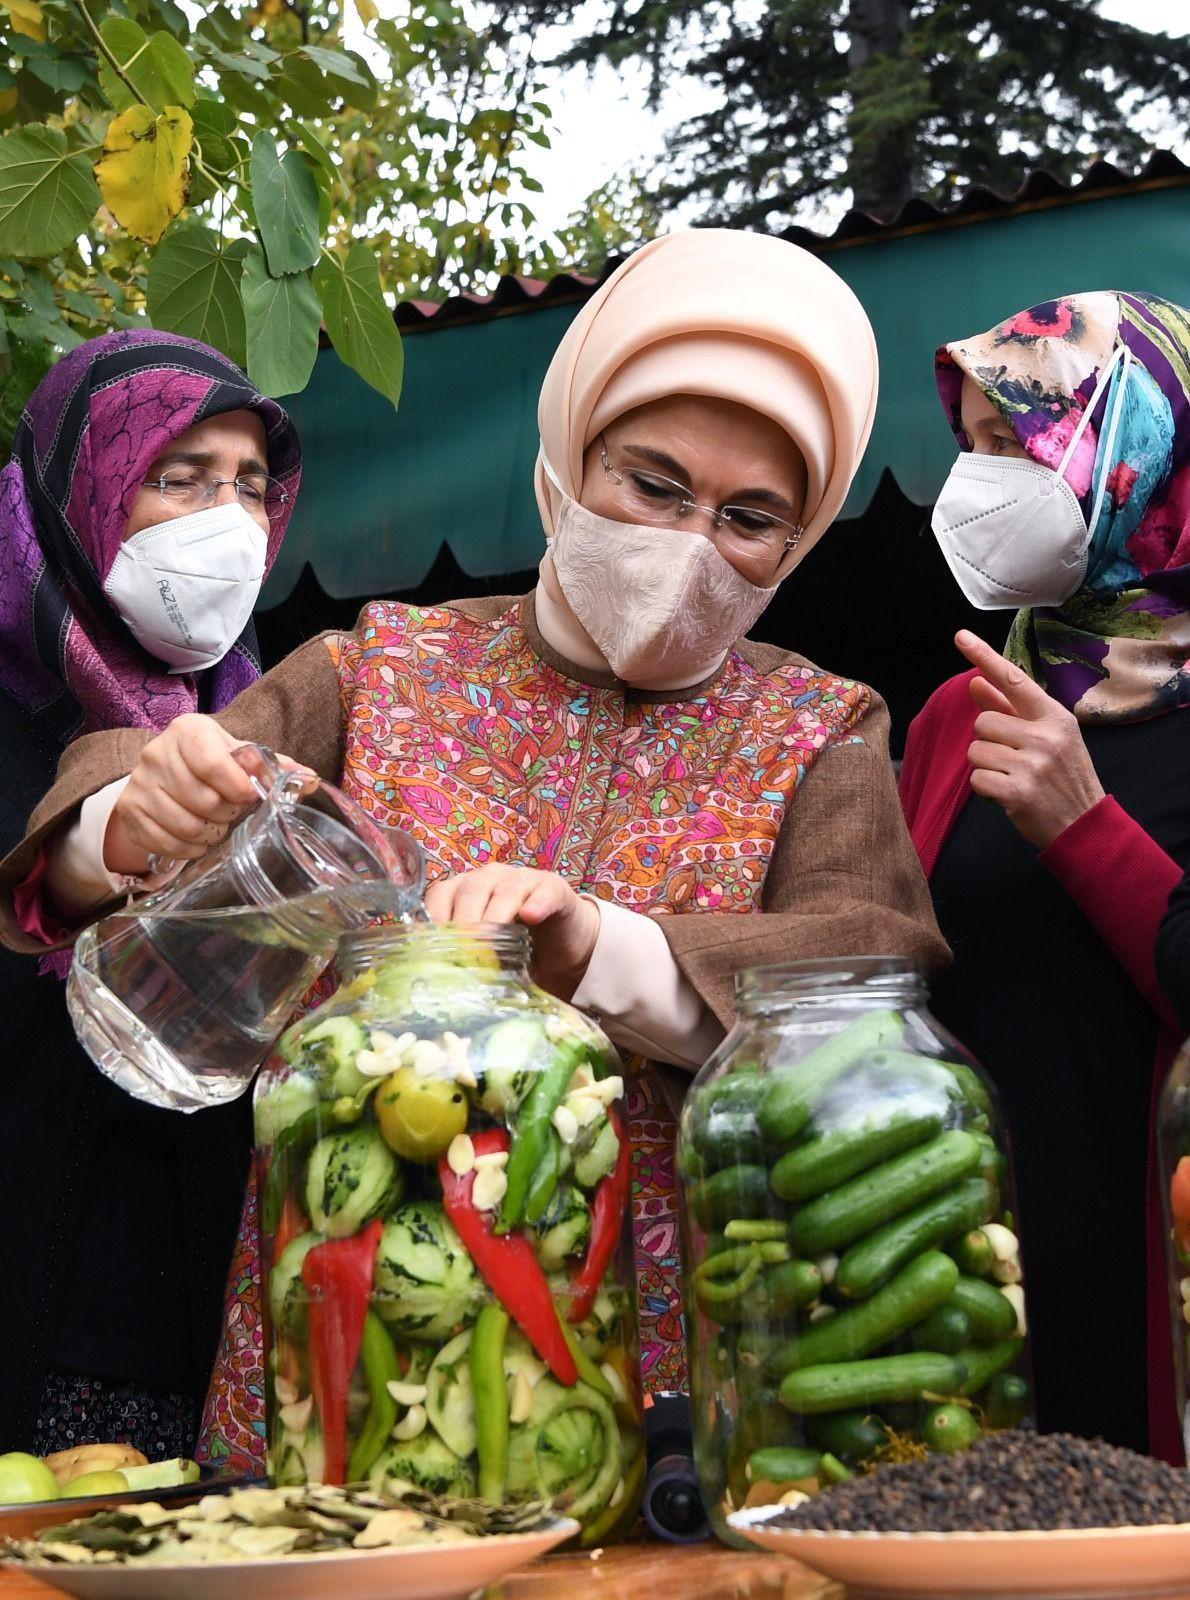 Emine Erdoğan'ın kurduğu turşu, çiftçi kadınlardan tam puan aldı - Sayfa 2